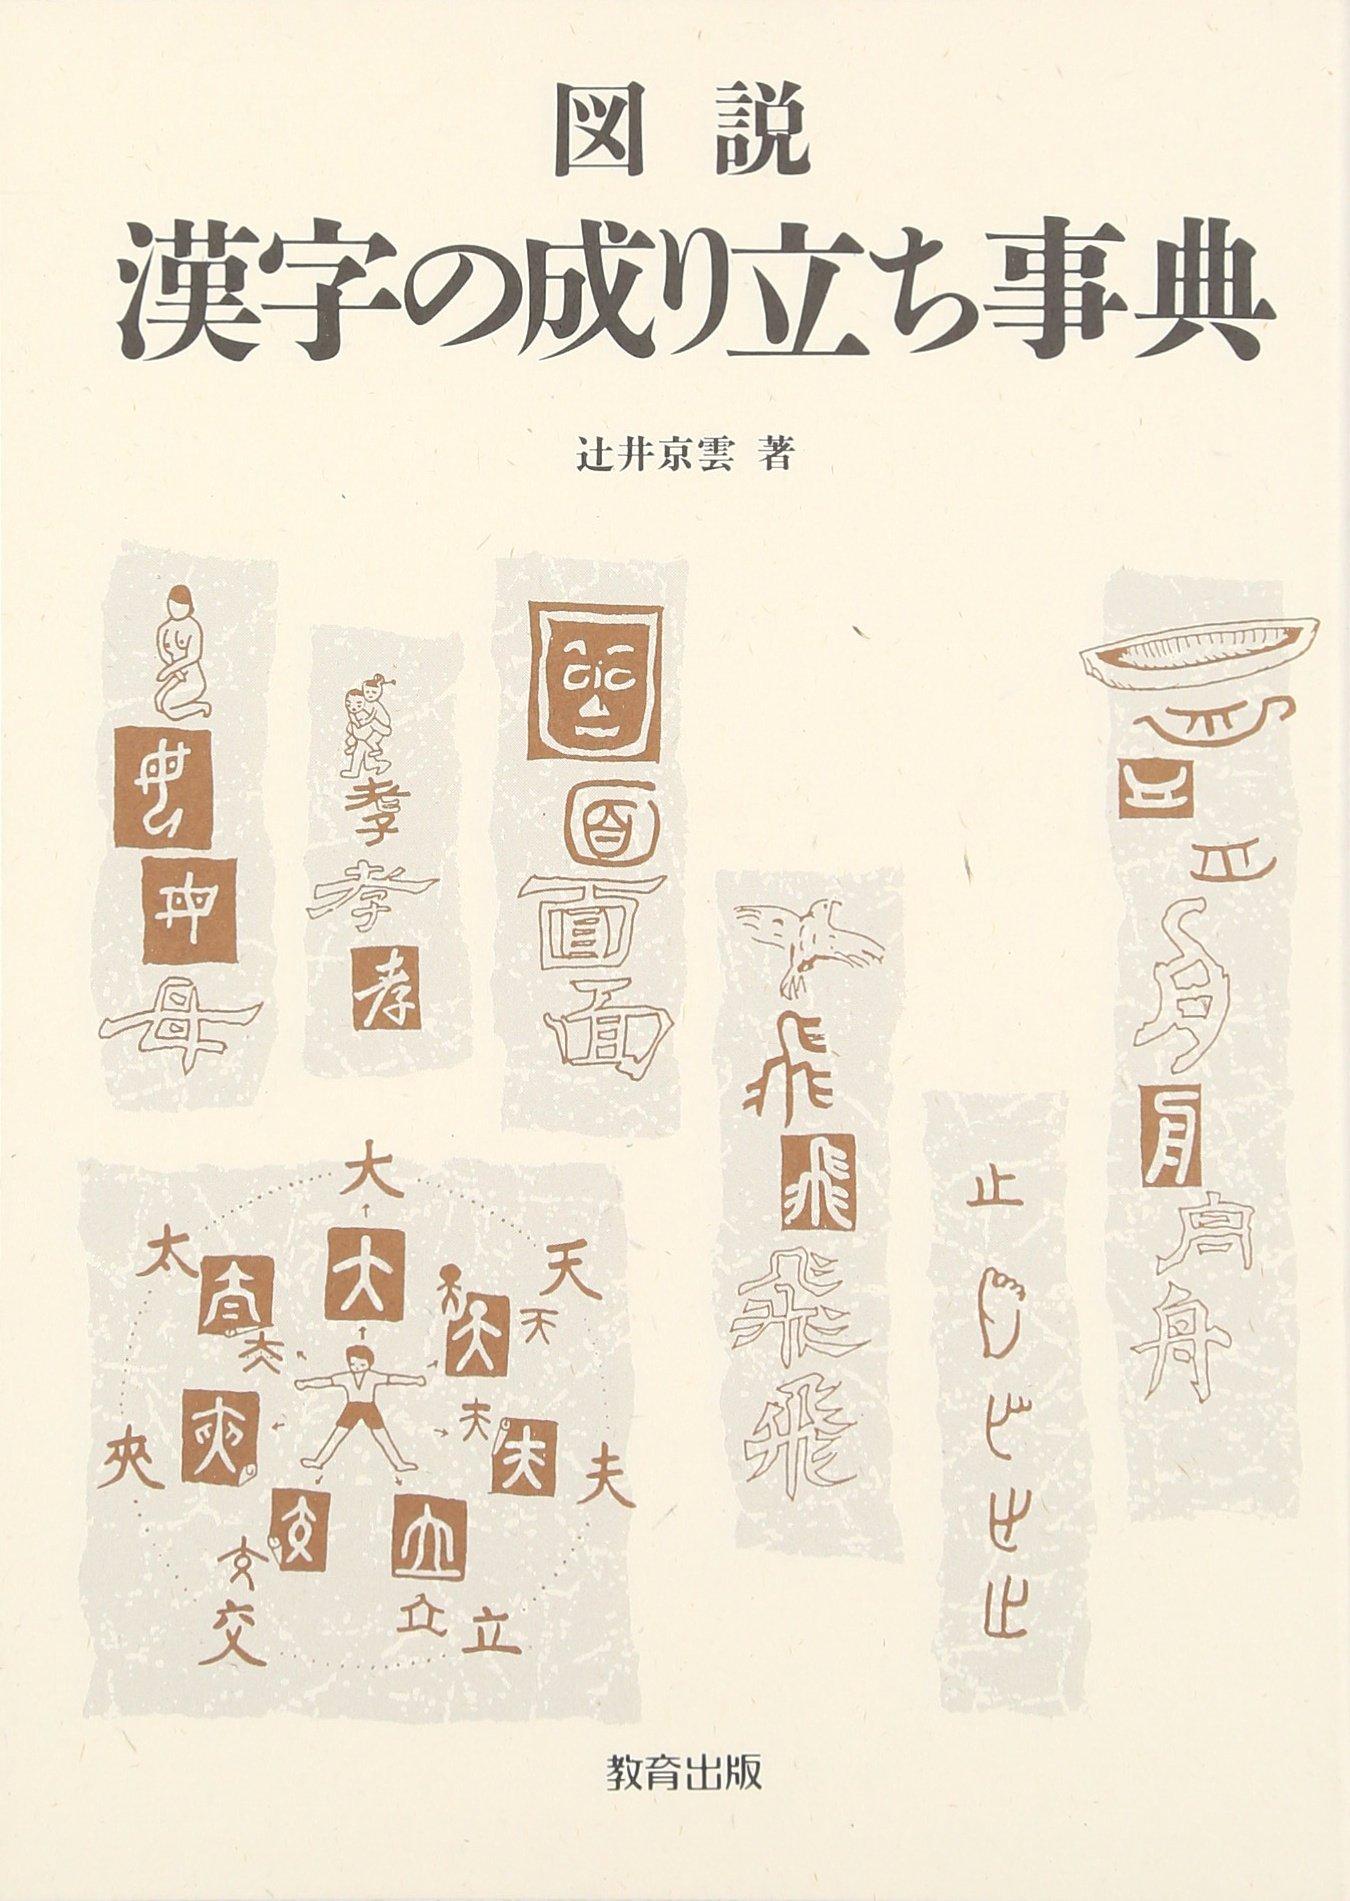 象形 成り立ち 漢字 文字 の 第14回 人の形から生まれた文字〔2〕